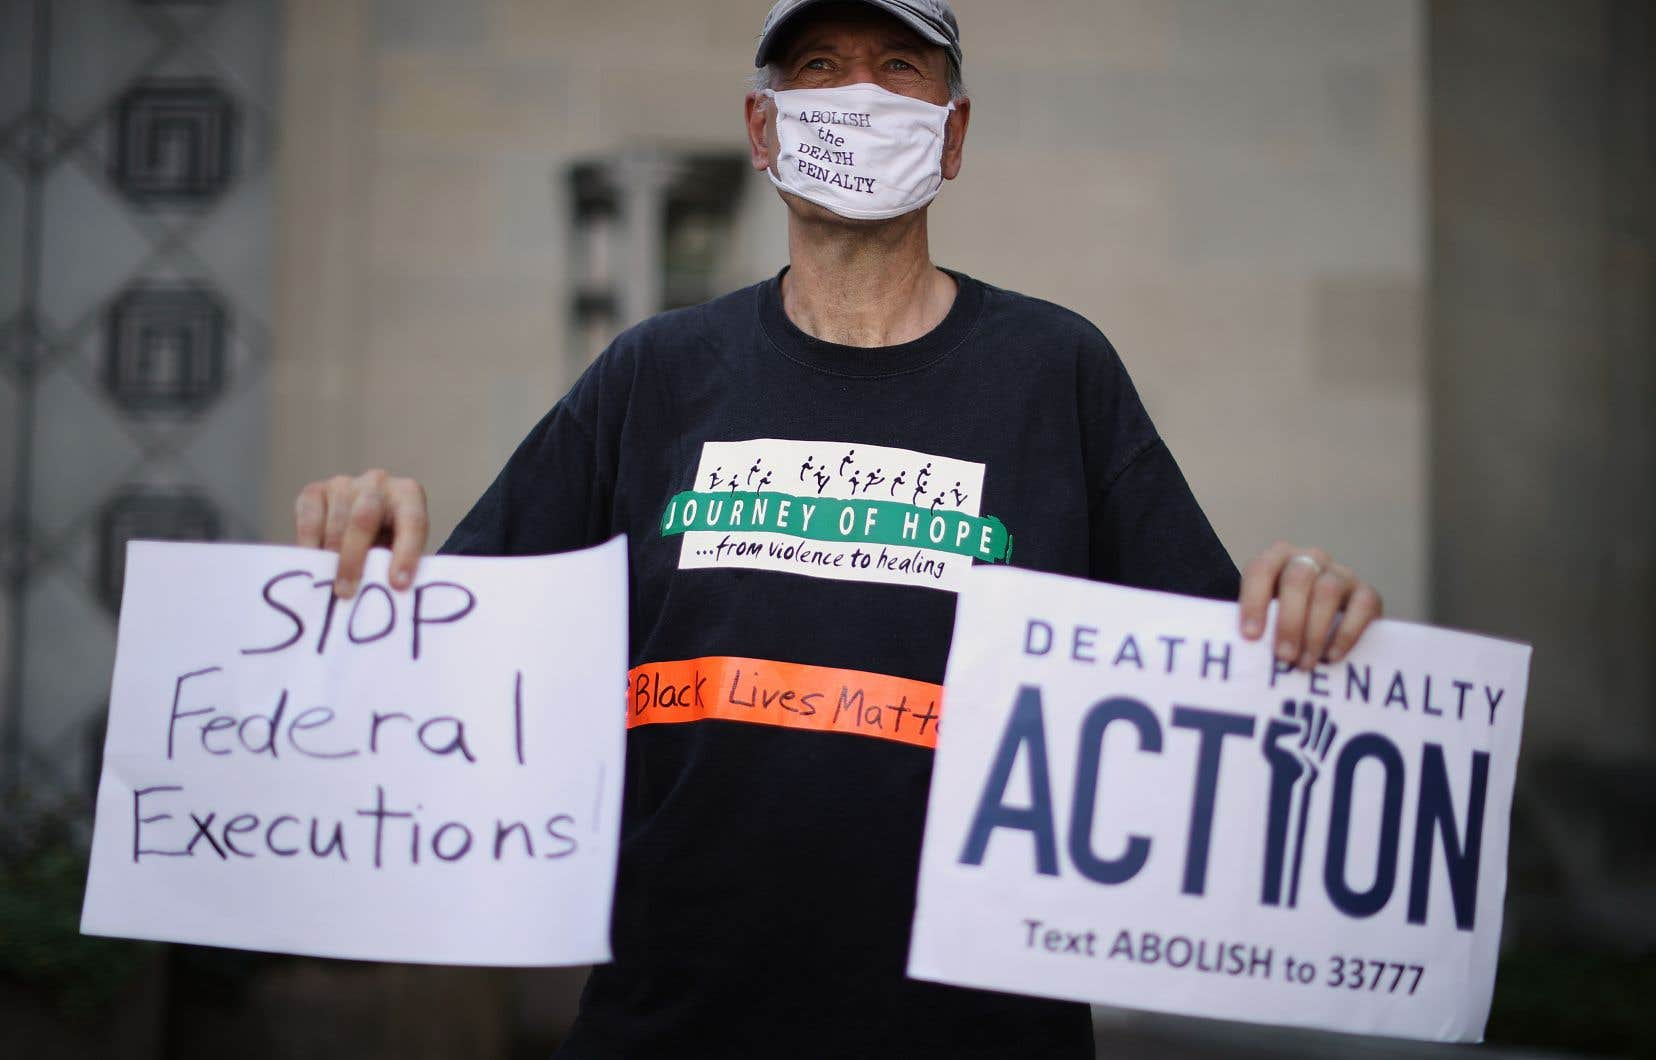 Selon les sondages, le soutien pour la peine de mort s'est érodé chez les Américains, mais reste fort chez les électeurs républicains, qui sont pour à 77% dans le cas des meurtriers.